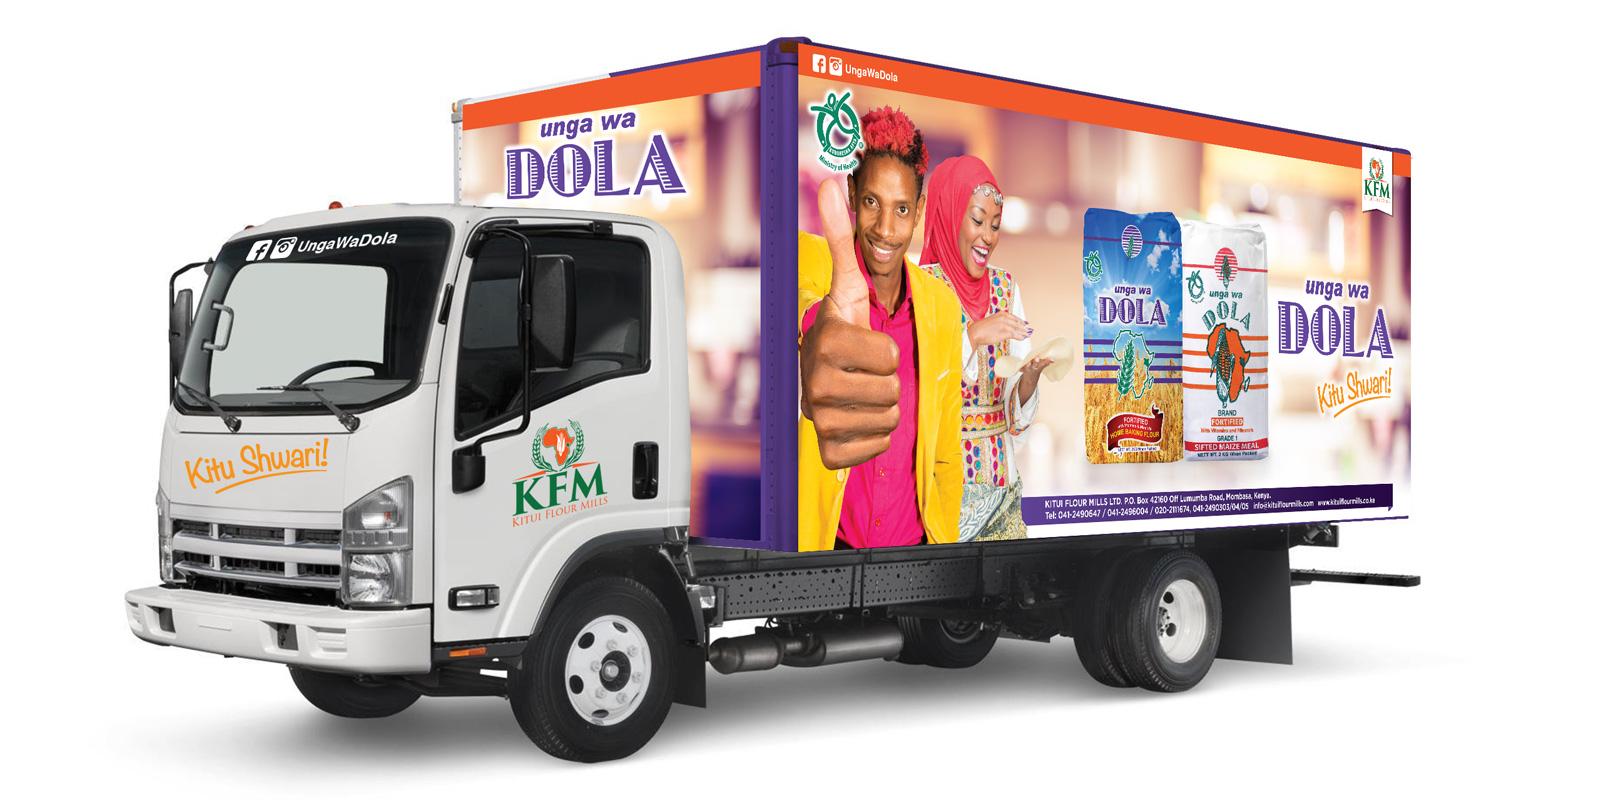 5-unga-wa-dola-truck-branding